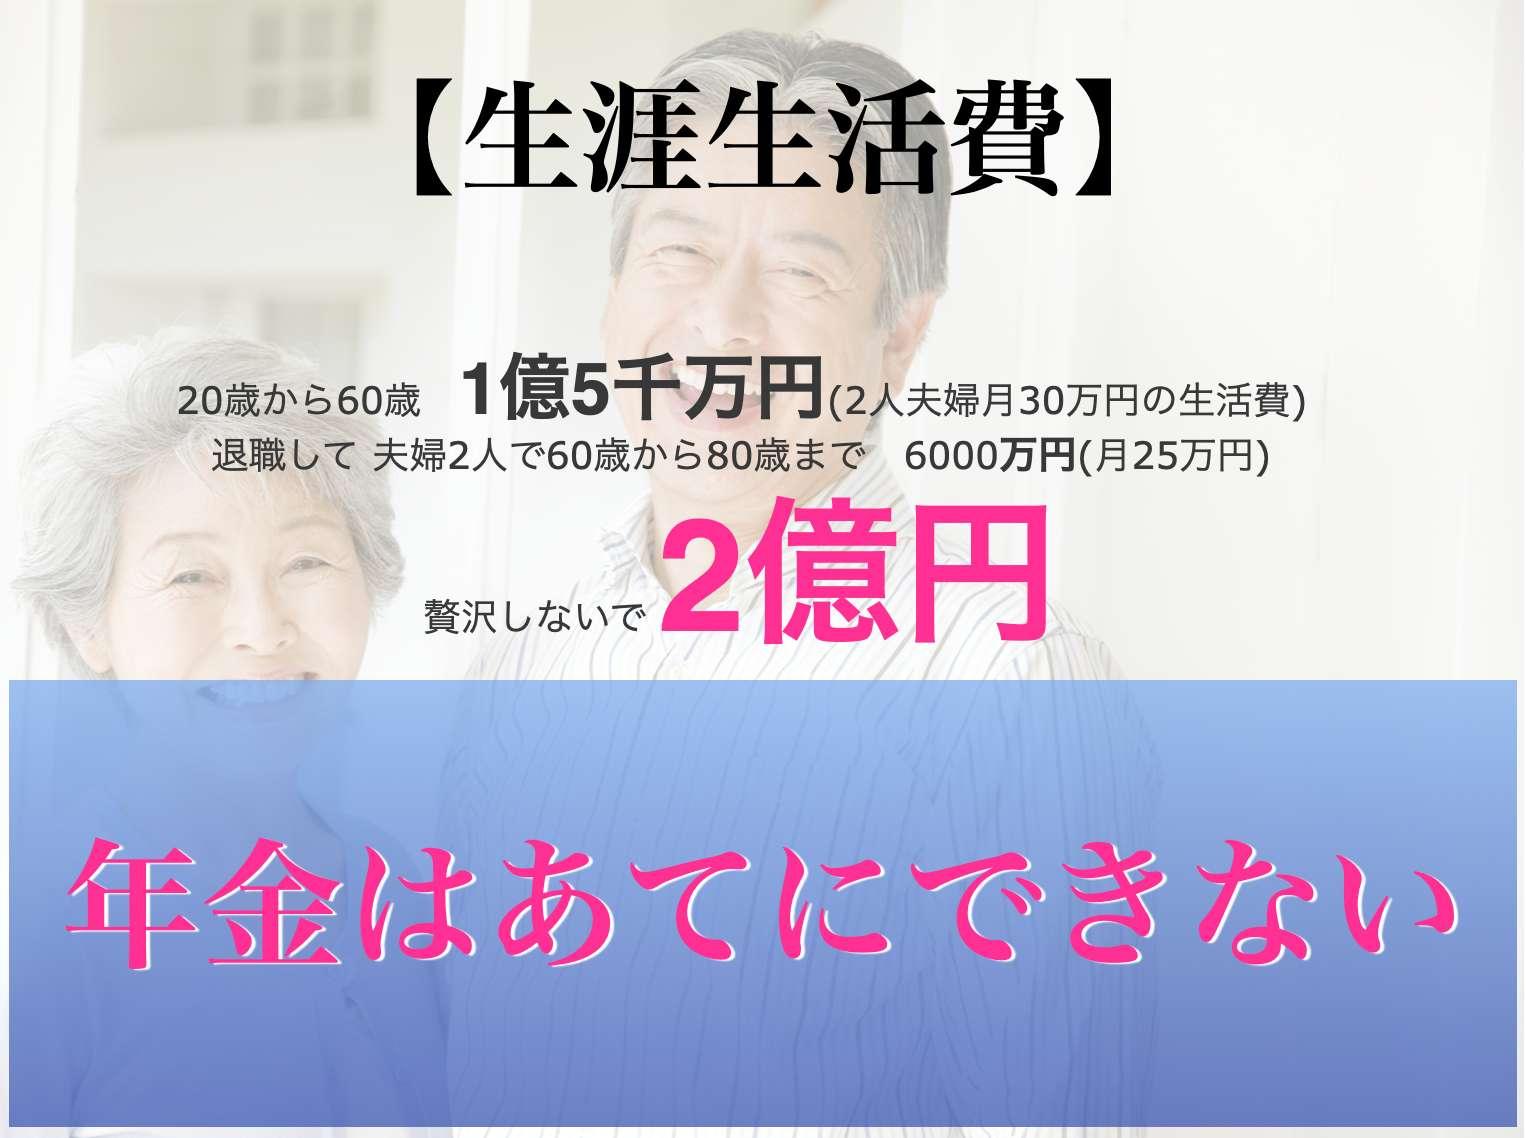 2億円の生活費.png